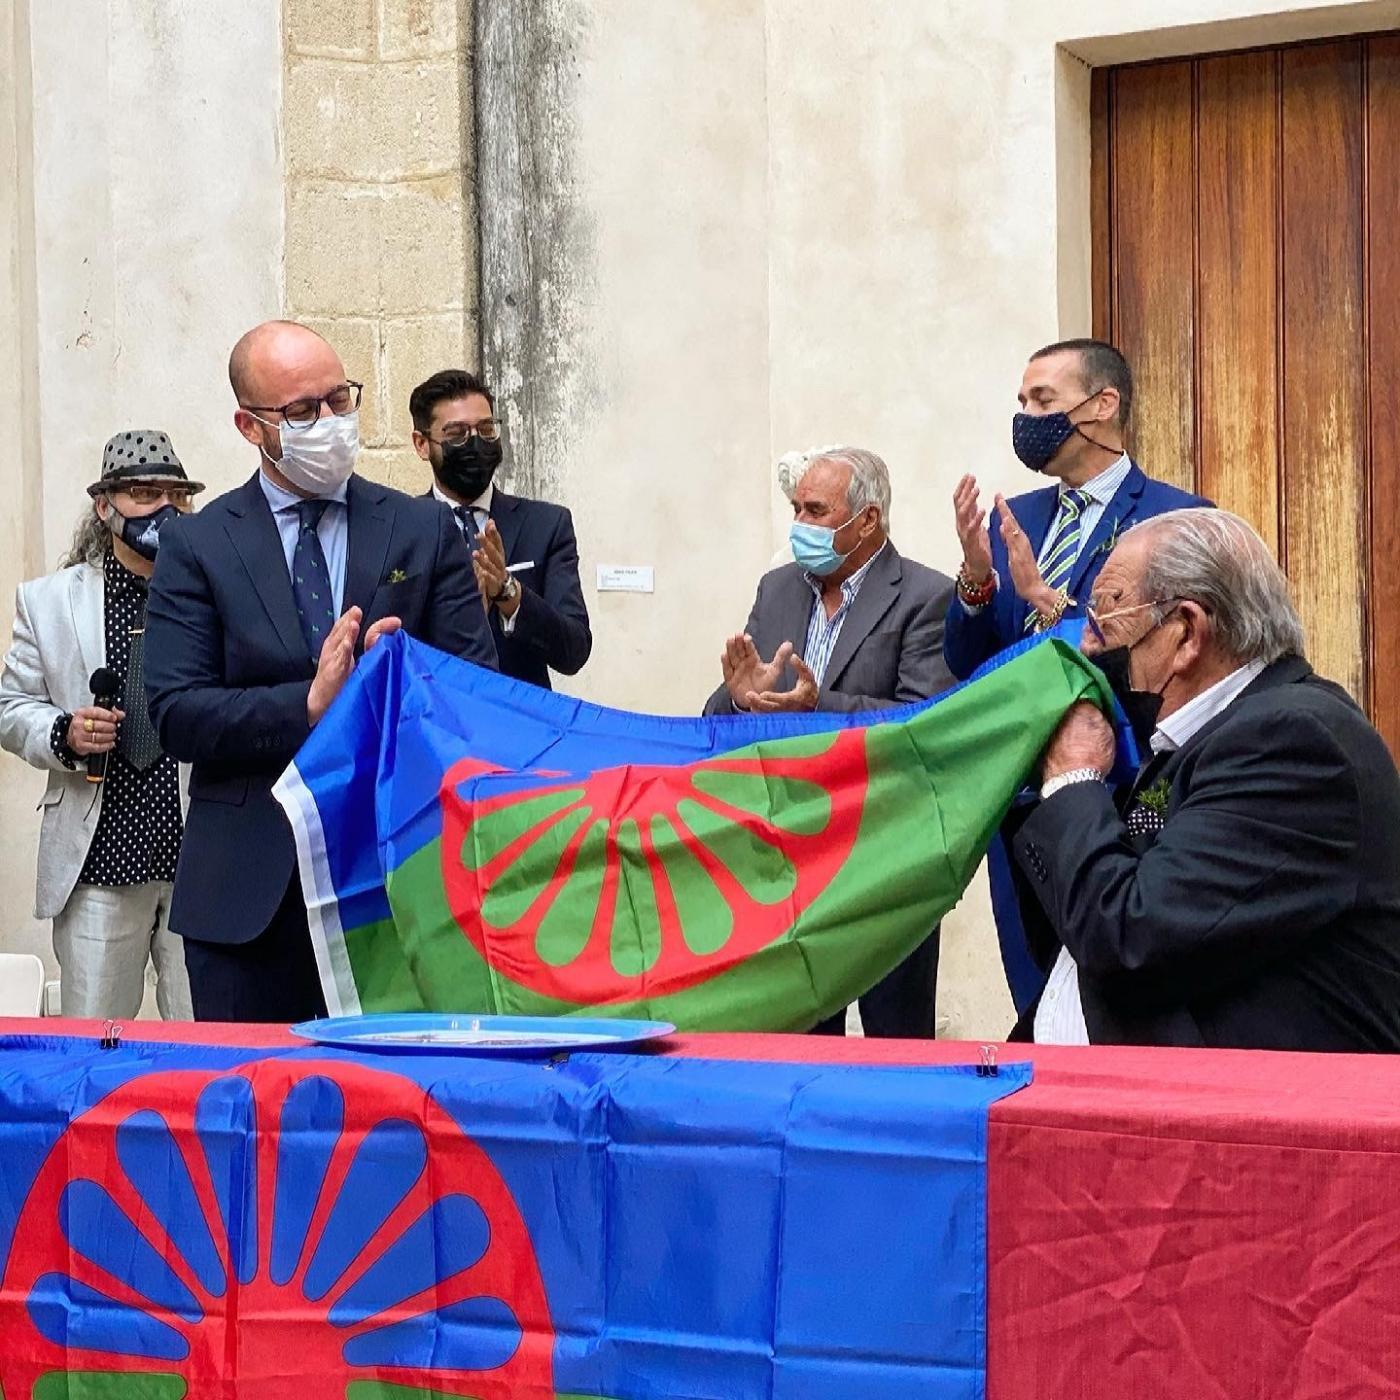 El Puerto de Santa María iza la bandera romaní para demostrar el orgullo del pueblo gitano